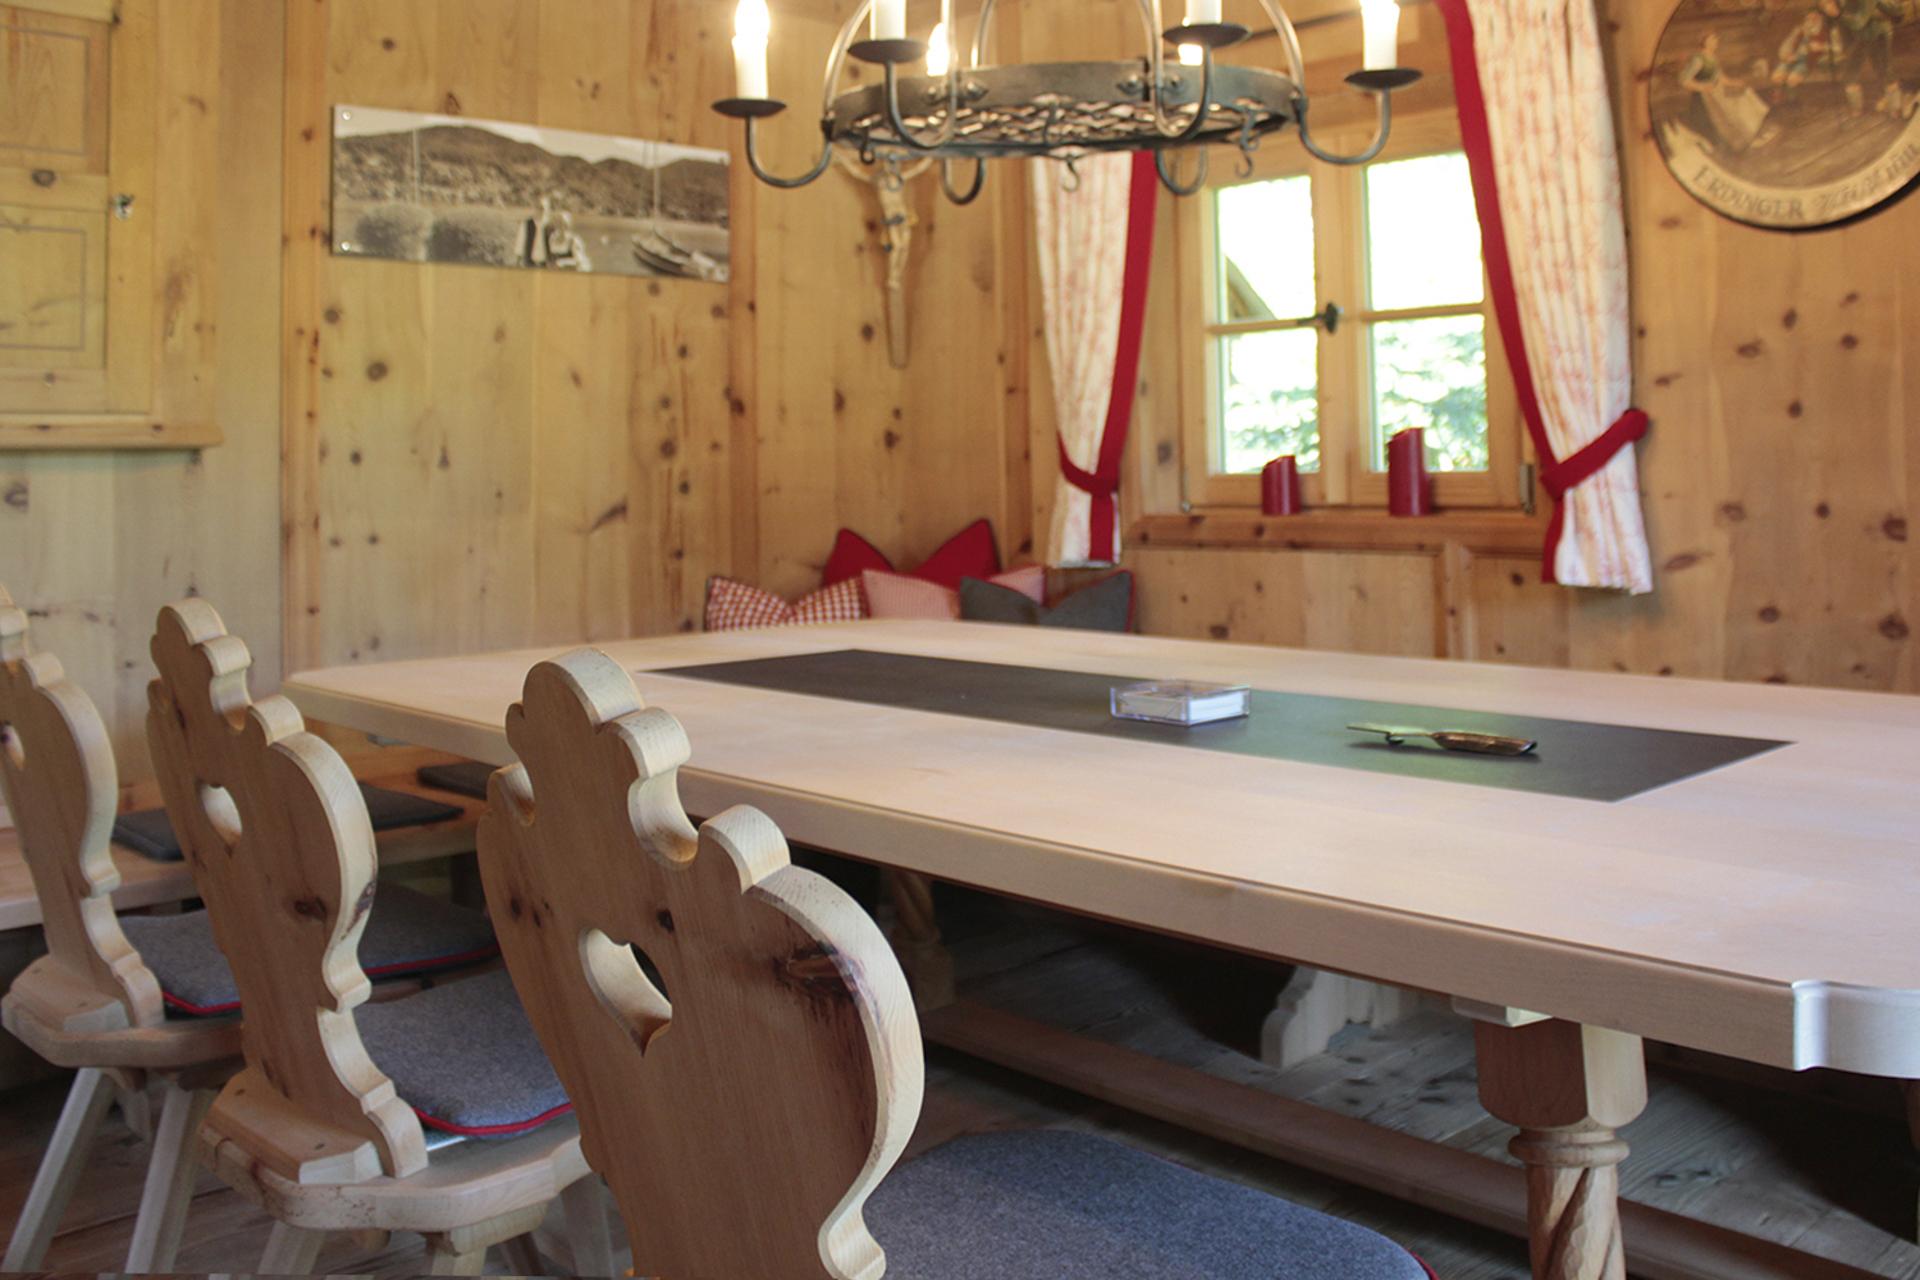 tischlerei-decker-Gartenhaus-stube-esstisch